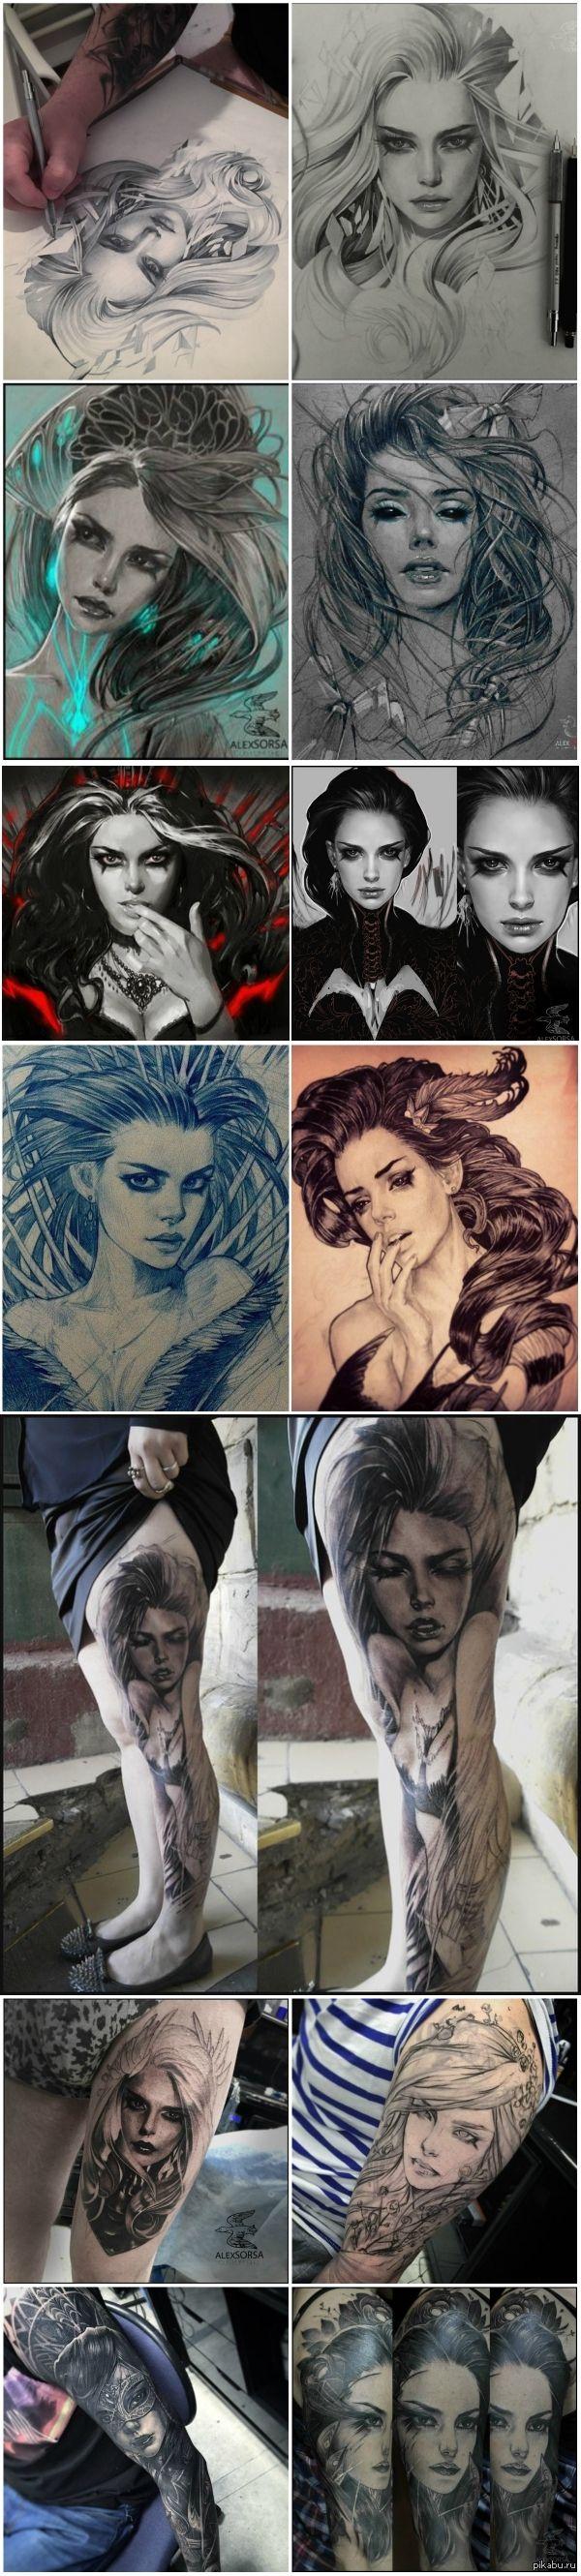 Рисунки работы иллюстратора и тату-мастера Саши Сорсы из Москвы рисунок, тату, красивое, Alex Sorsa, длиннопост